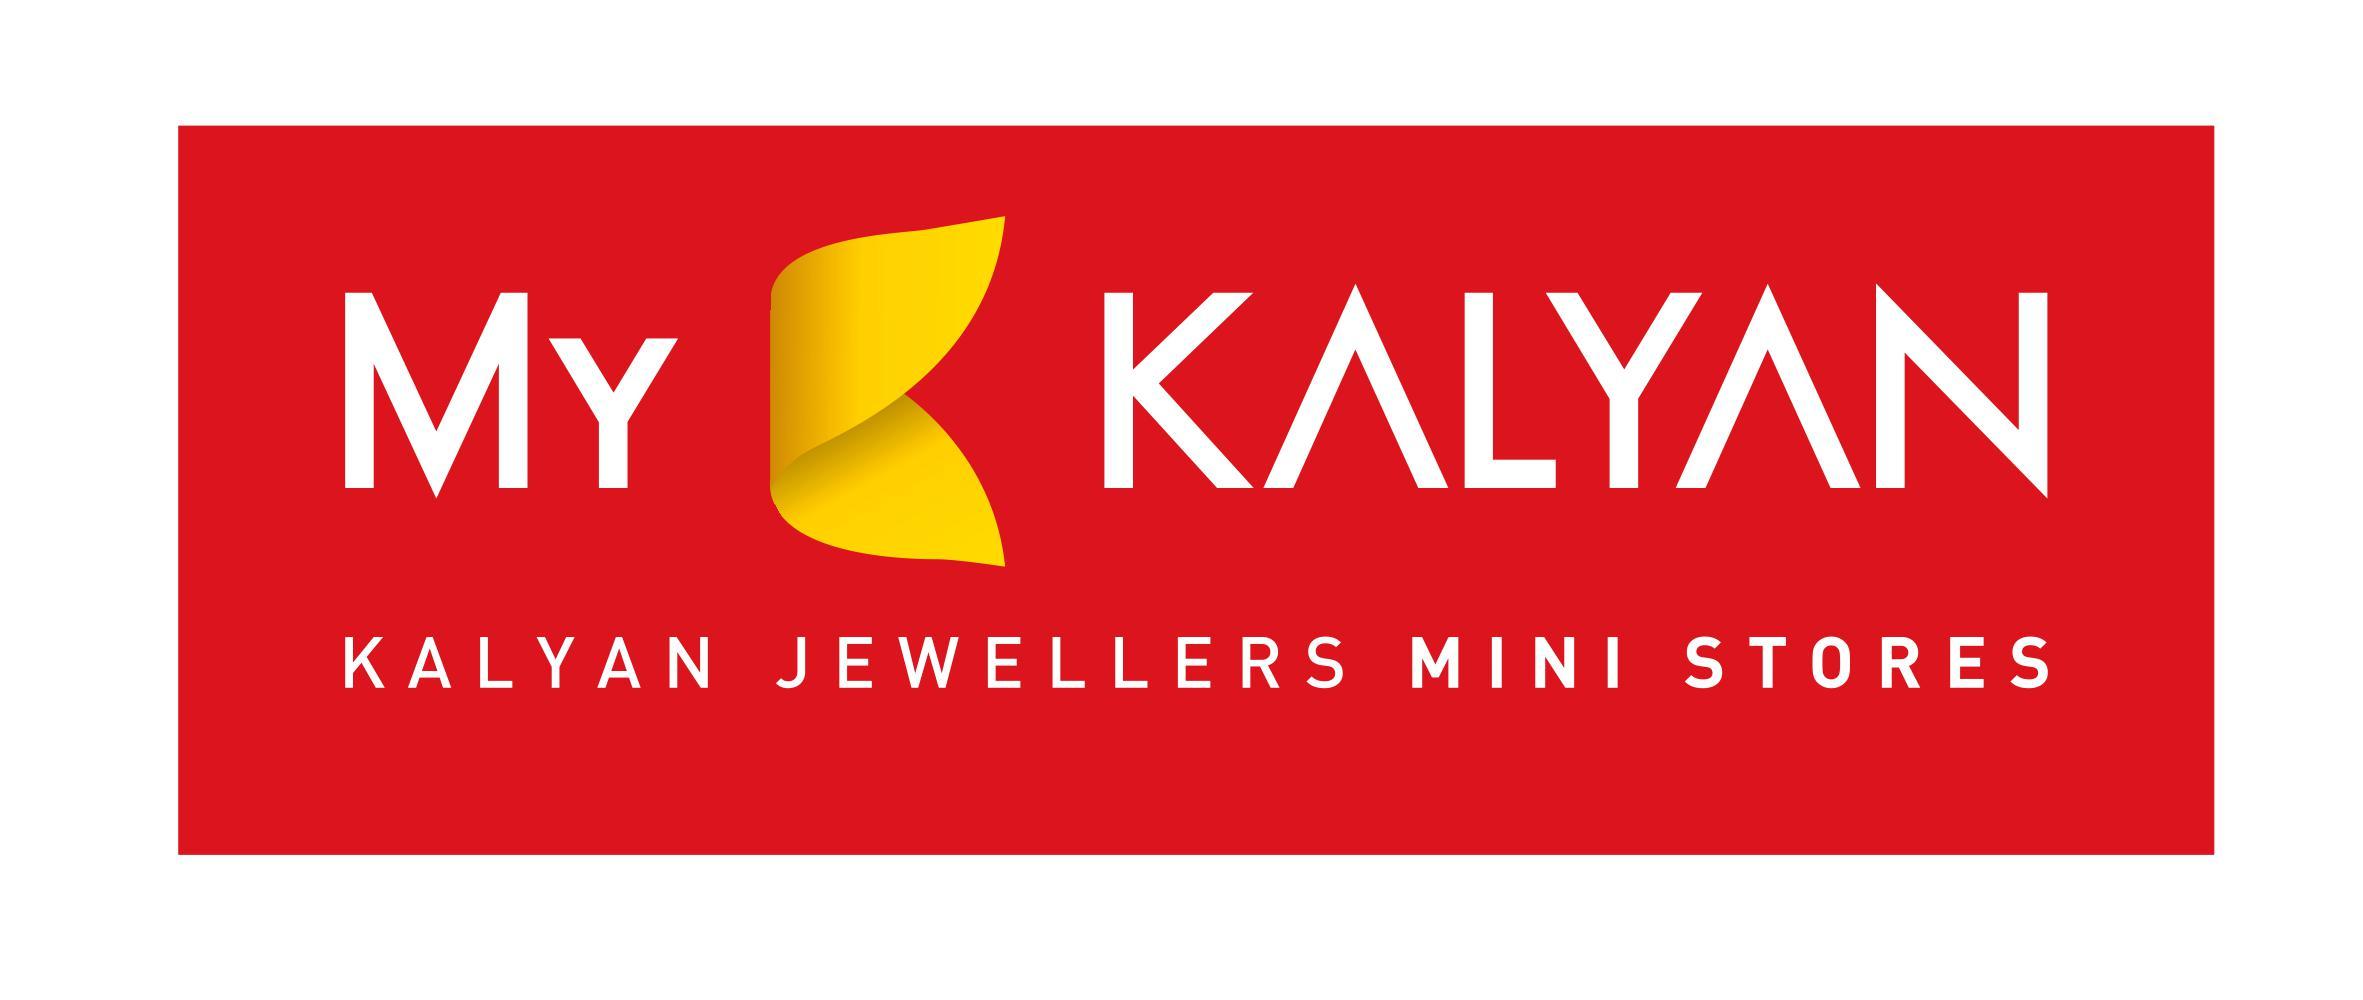 My Kalyan Mini Store D No. 17, 1St Floor, Gangappa Complex, Tumkur - 572101, Karnataka.